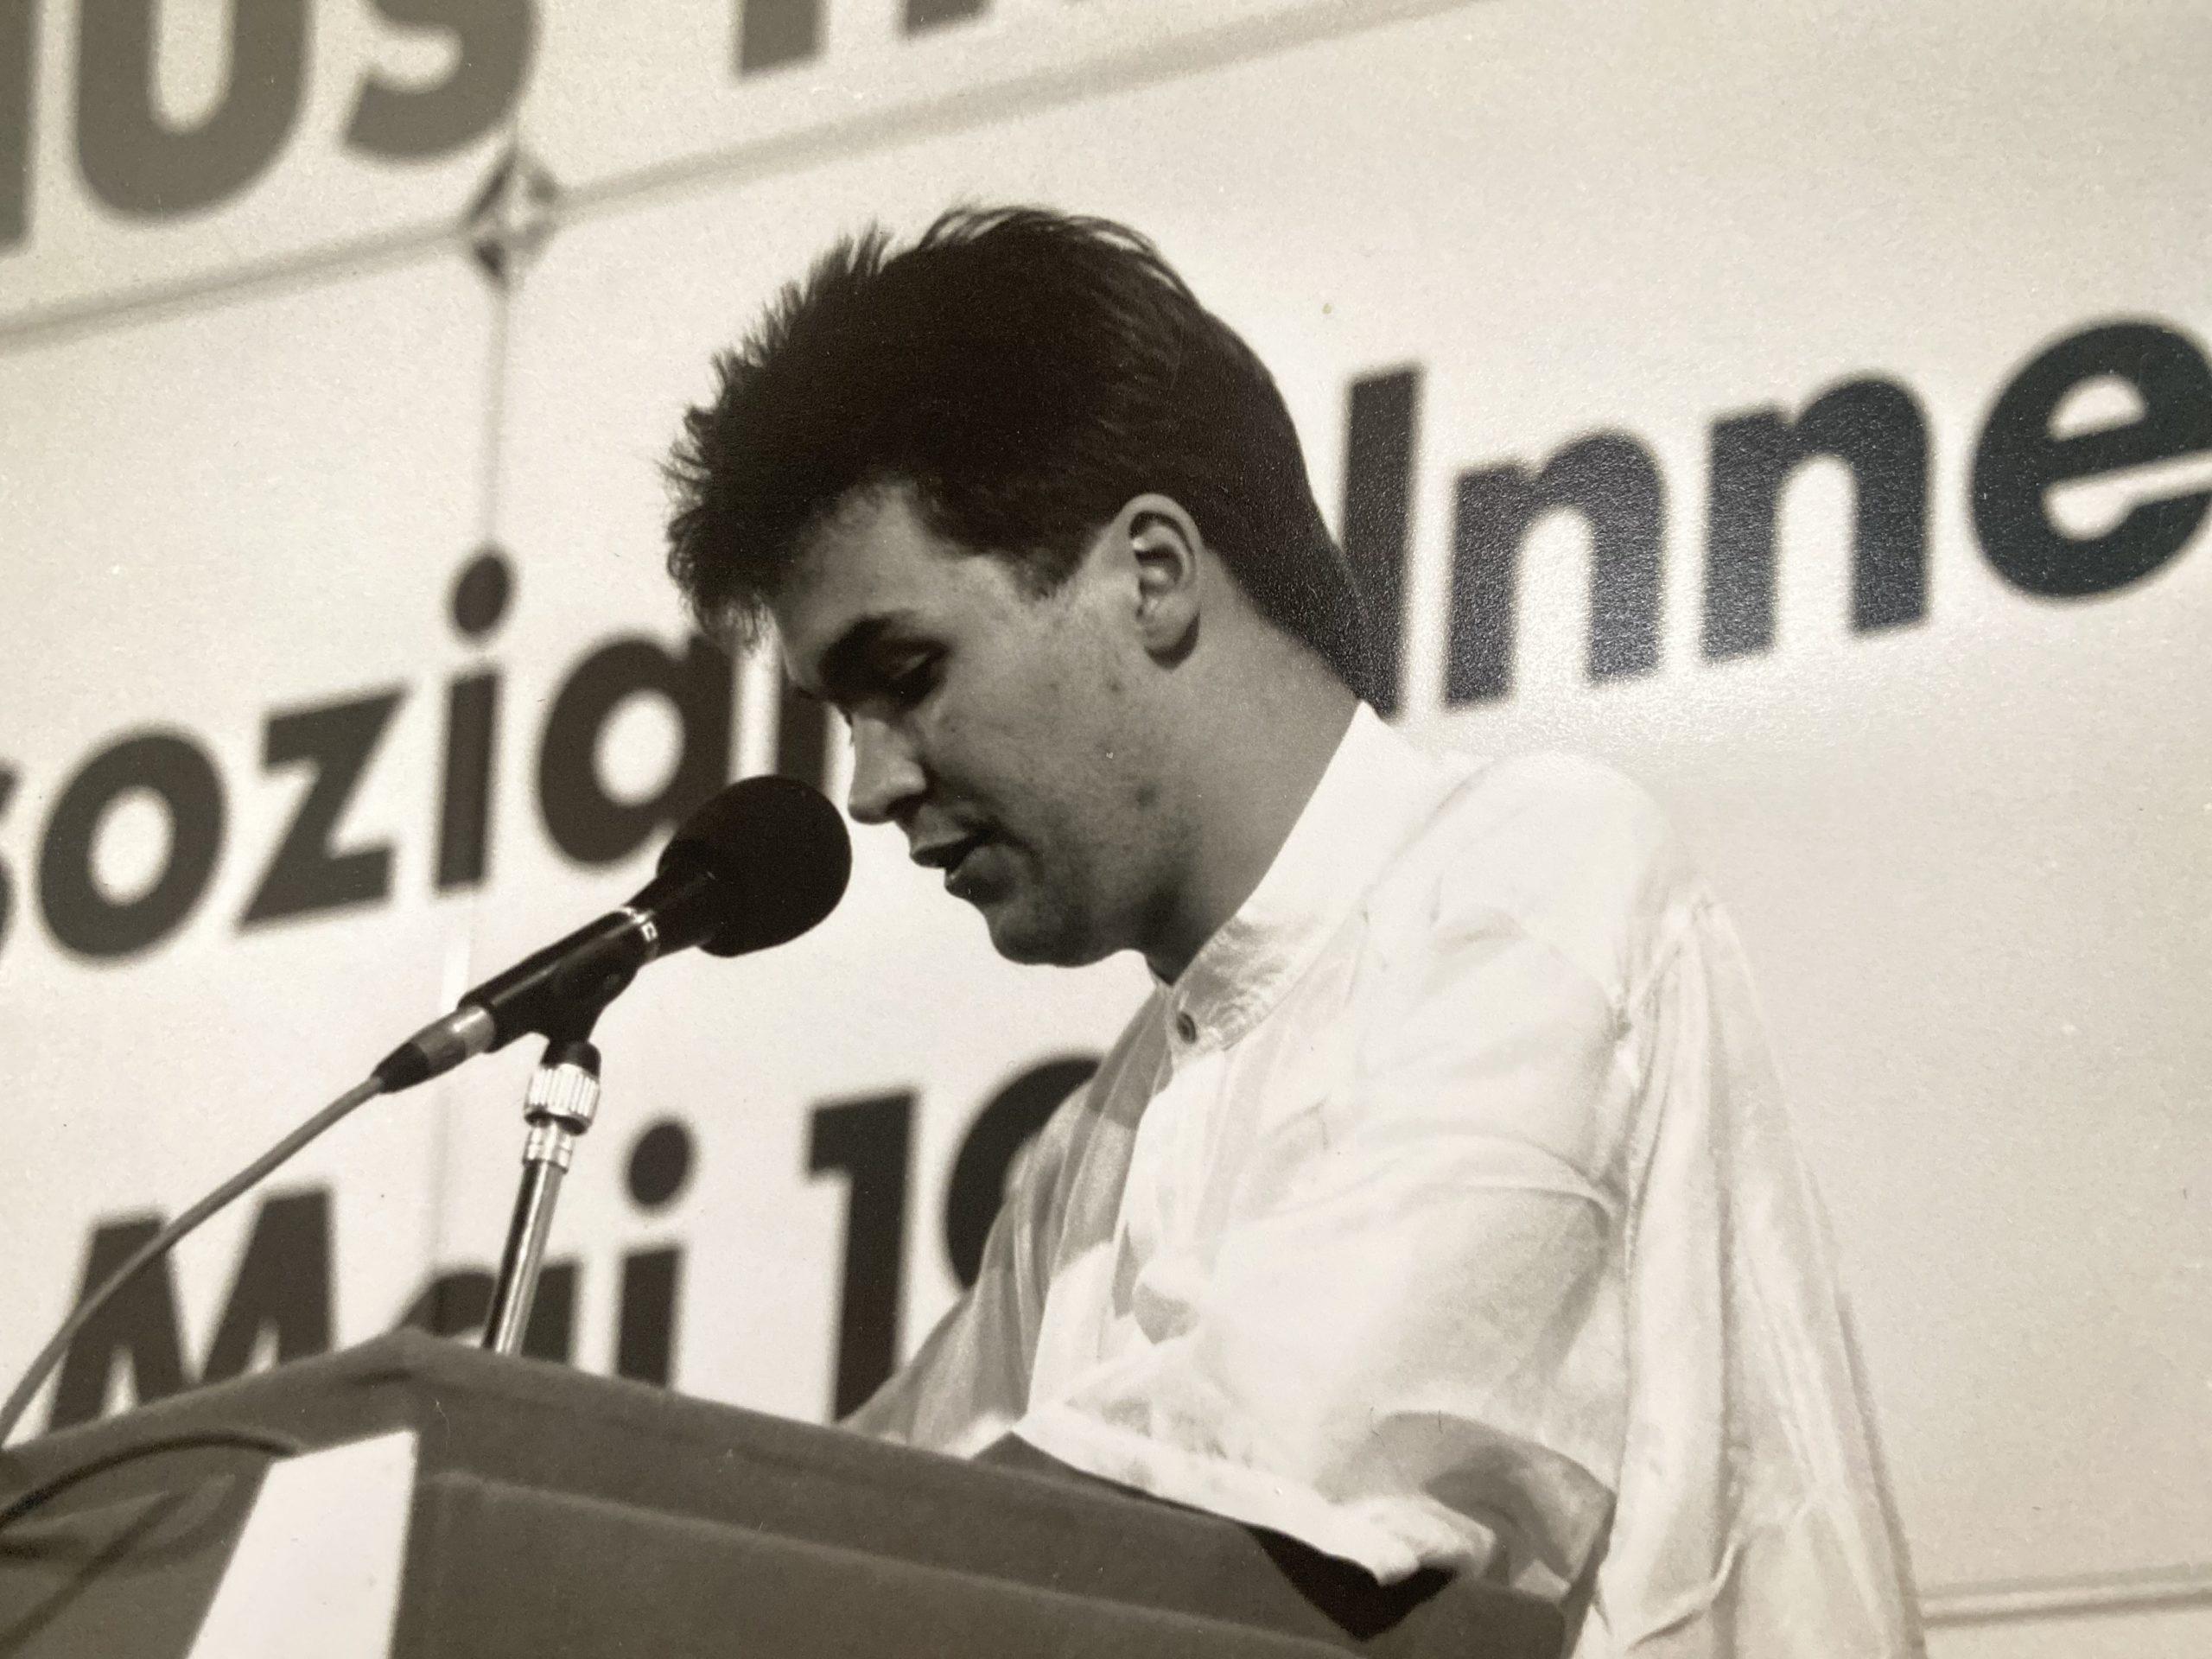 Bundesvorsitzender der Jusos in einer bewegten Zeit zum Beginn der 90er Jahre.